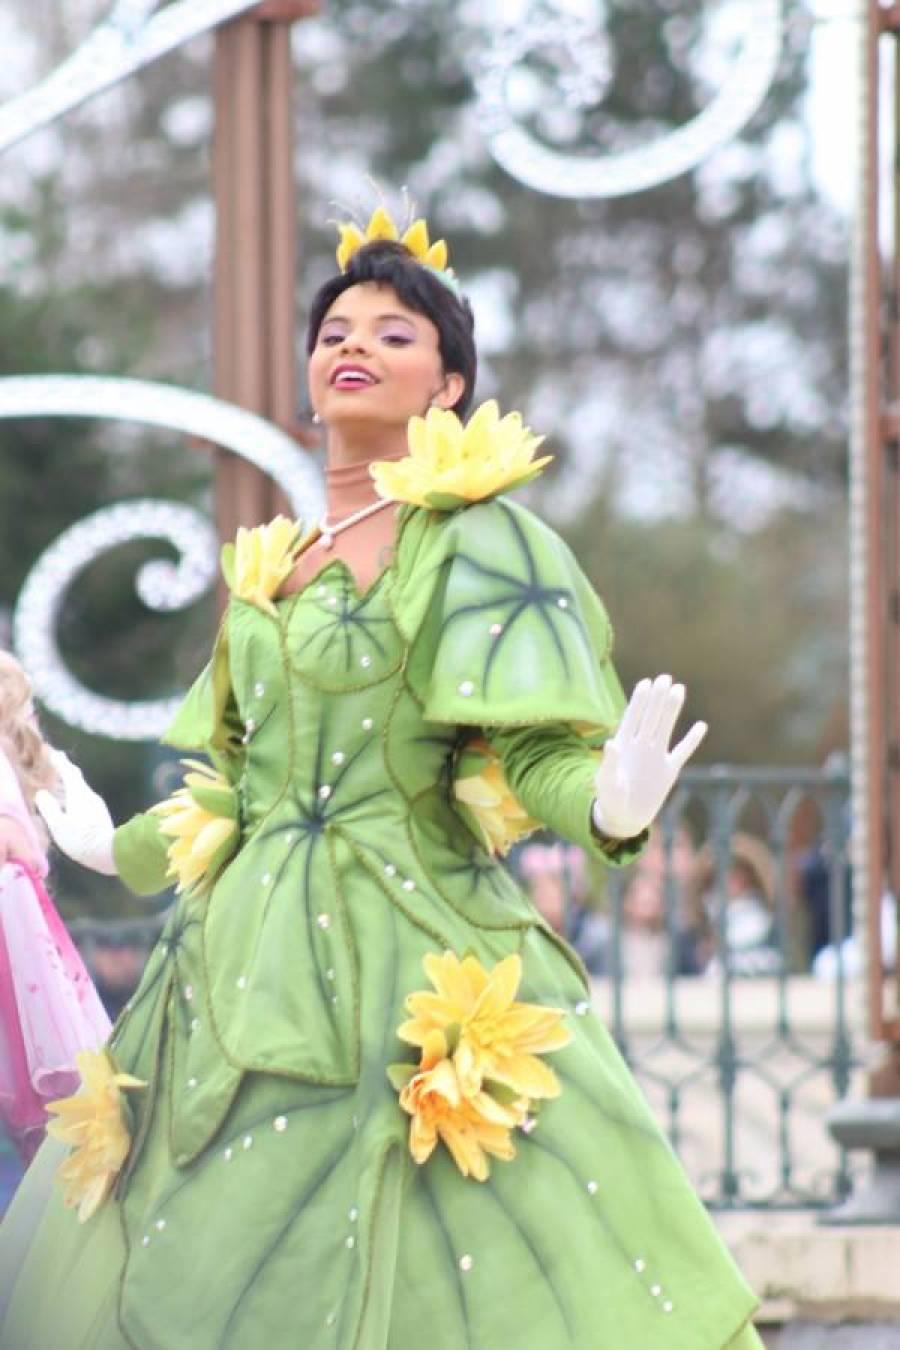 20190316110938 IMG 0718 - Een weekend sprookjes en magie bij Disneyland Parijs